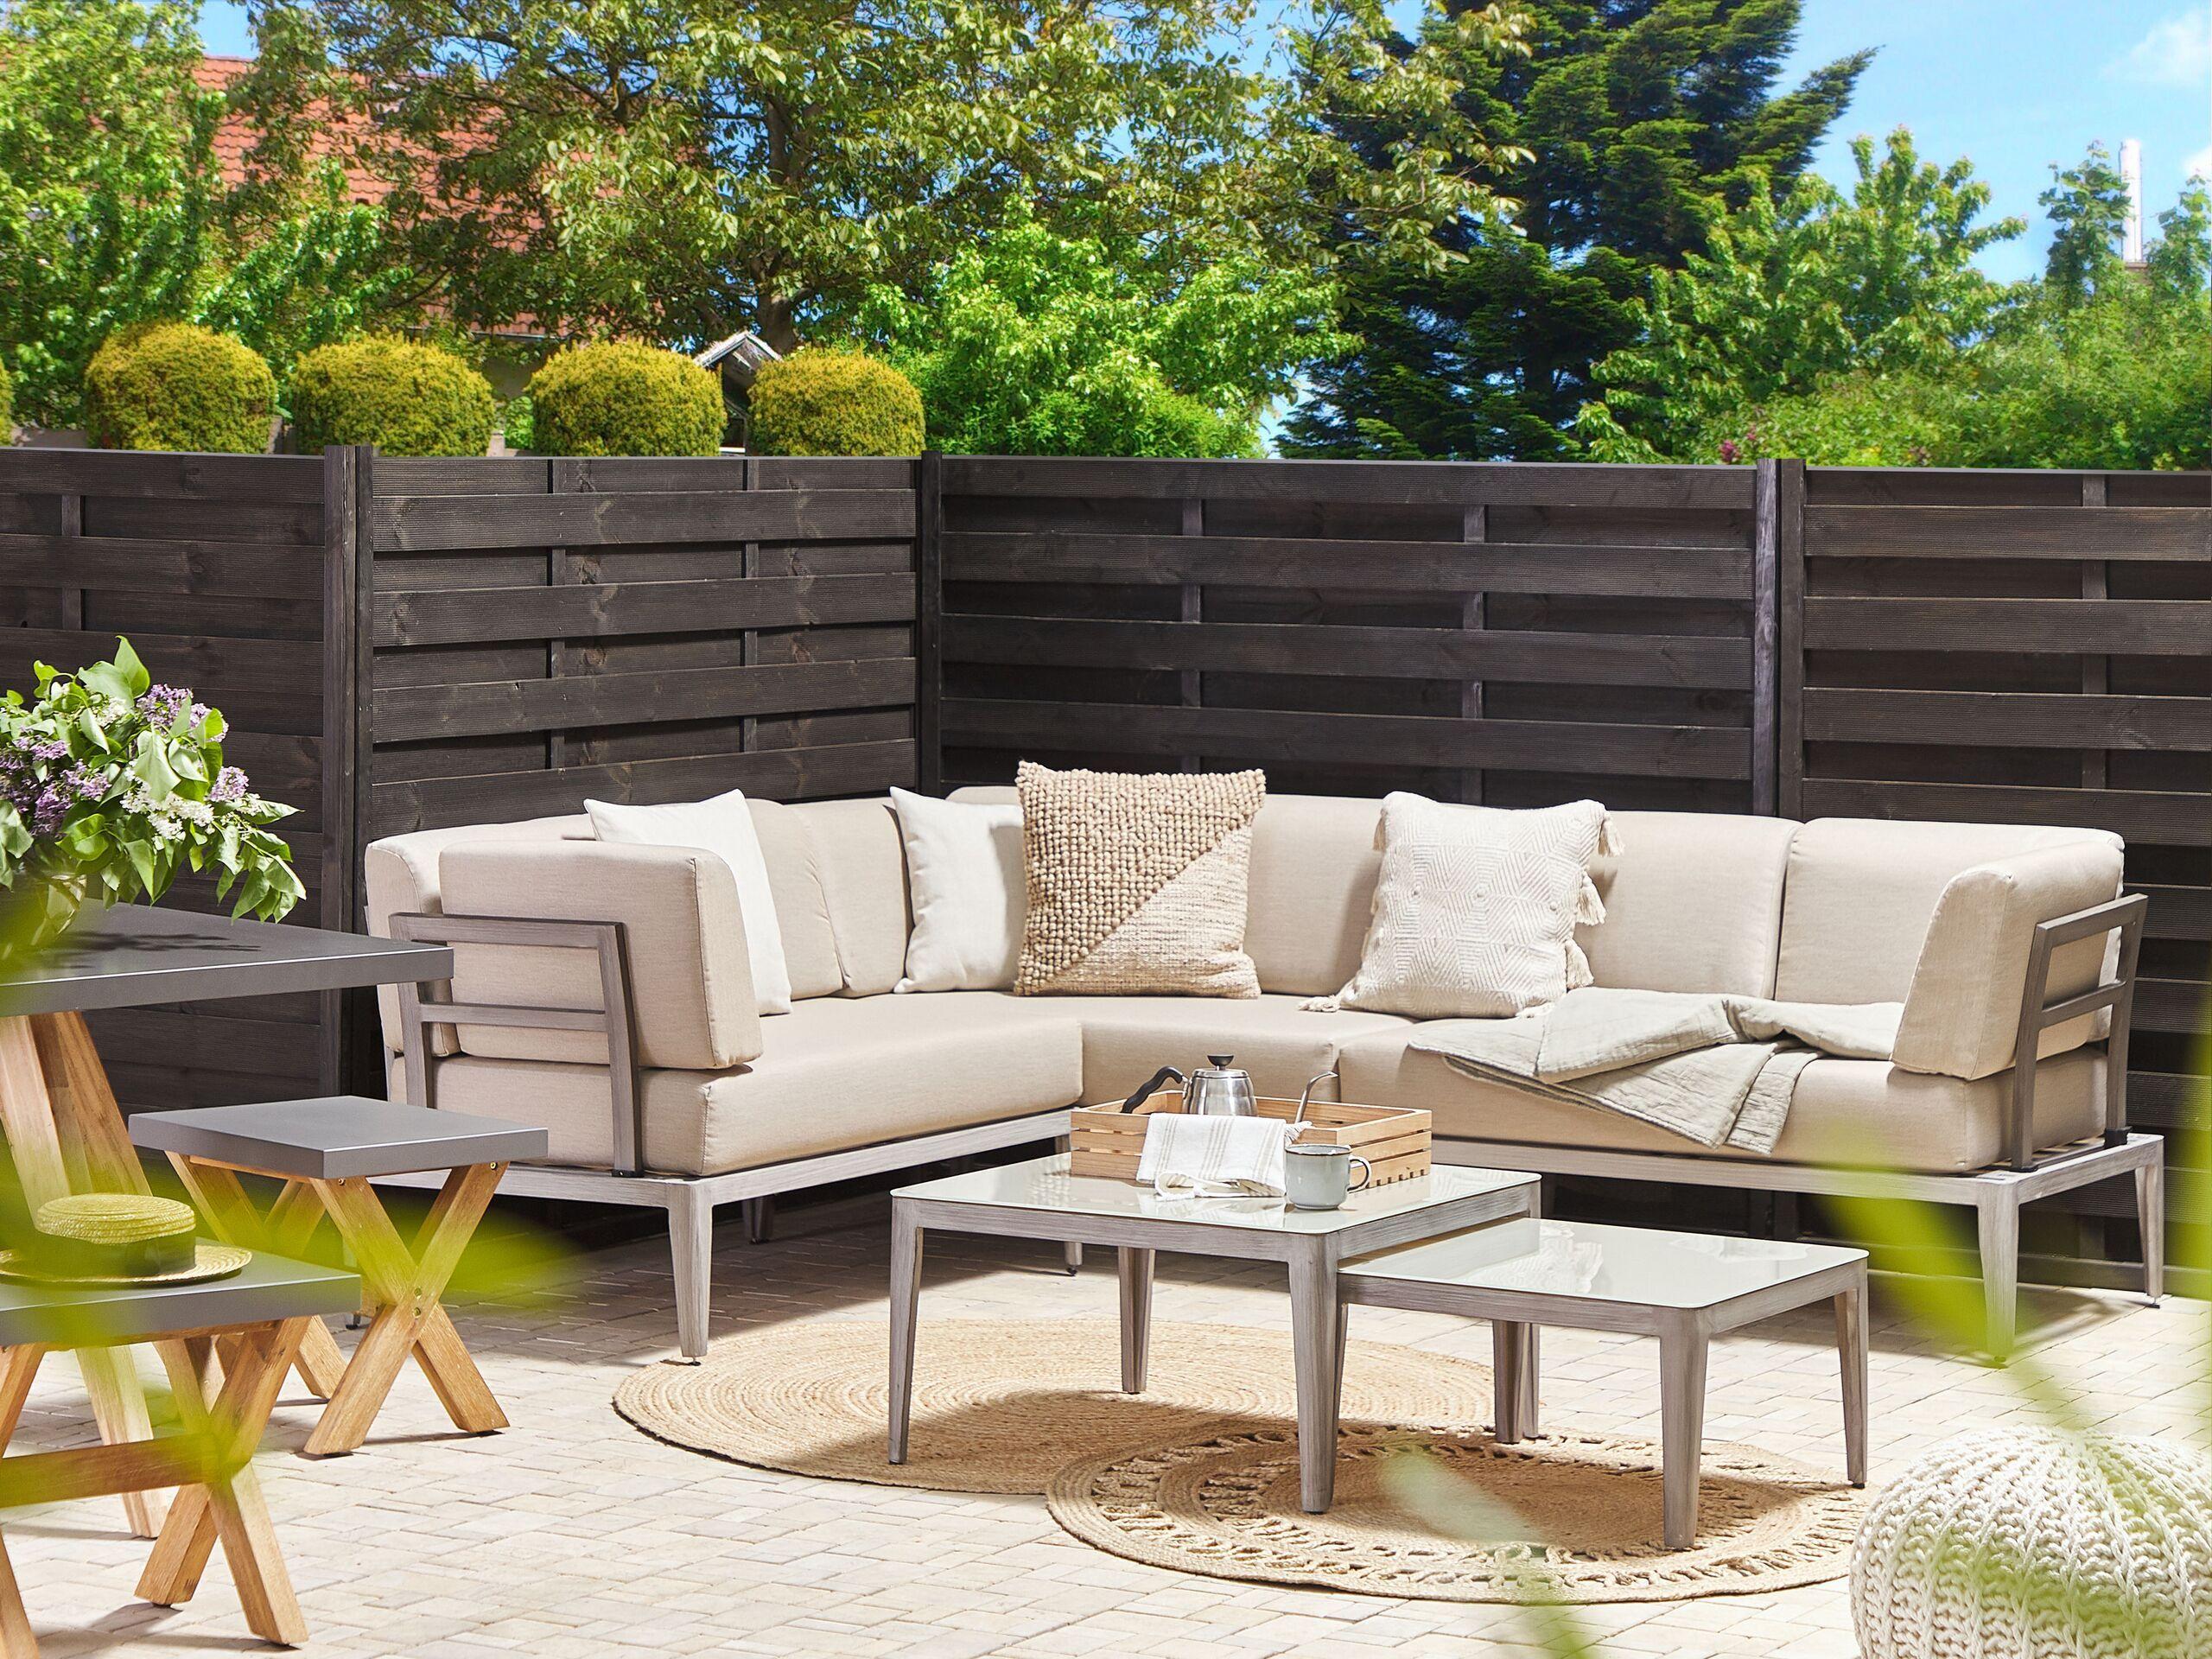 beliani set divano da esterno in alluminio beige a 6 posti patio moderno